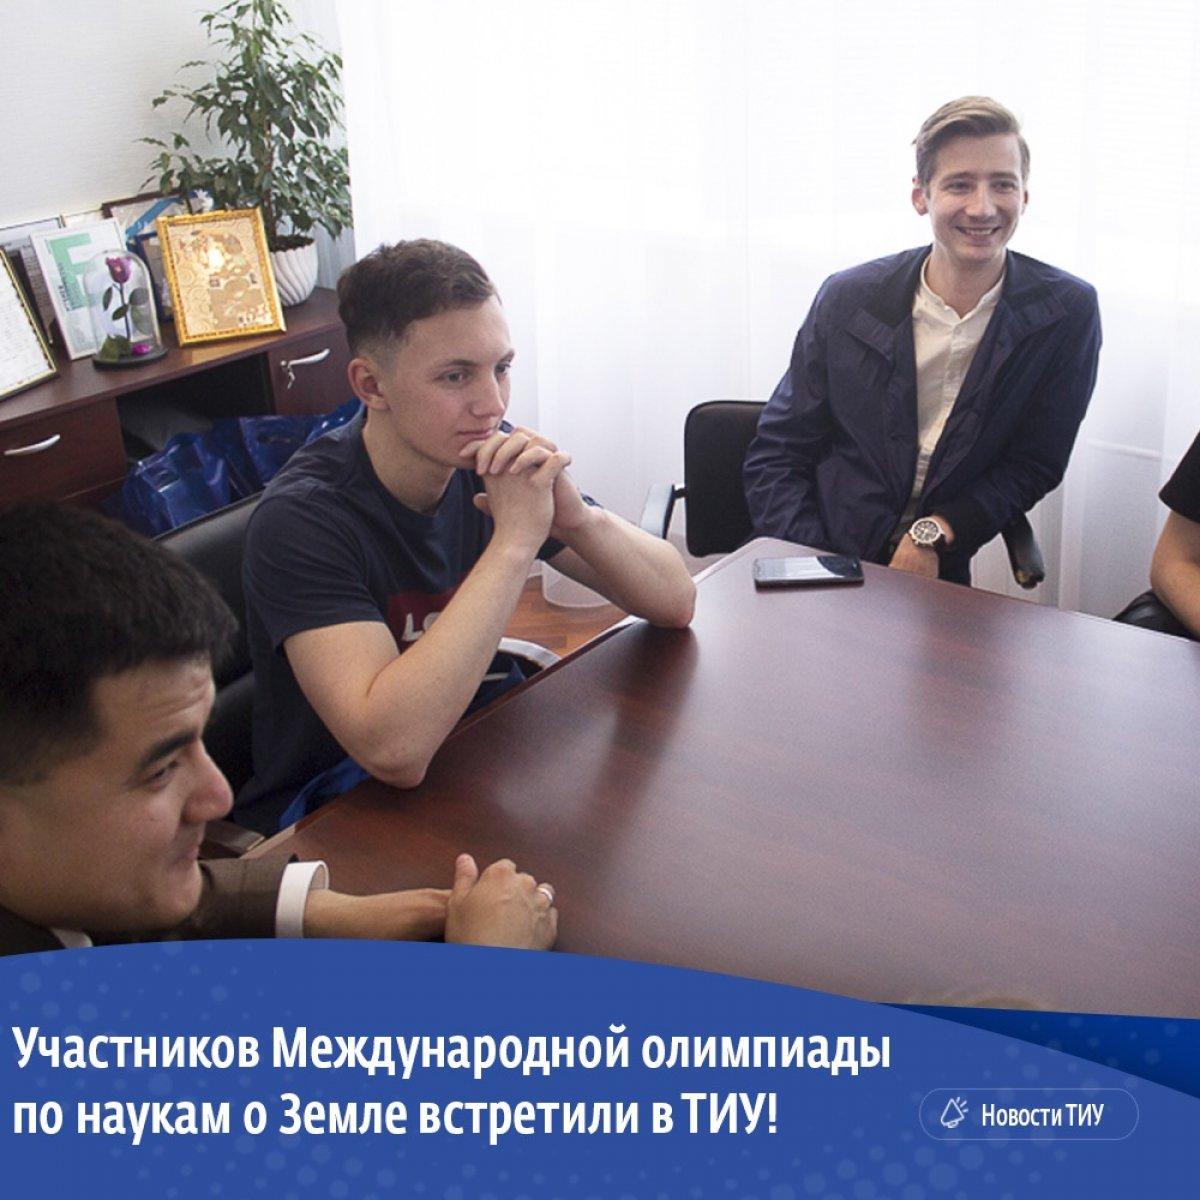 Тюменский индустриальный принял участников сборной команды России, которые будут представлять страну на Международной олимпиаде по наукам о Земле – IESO в Южной Корее!